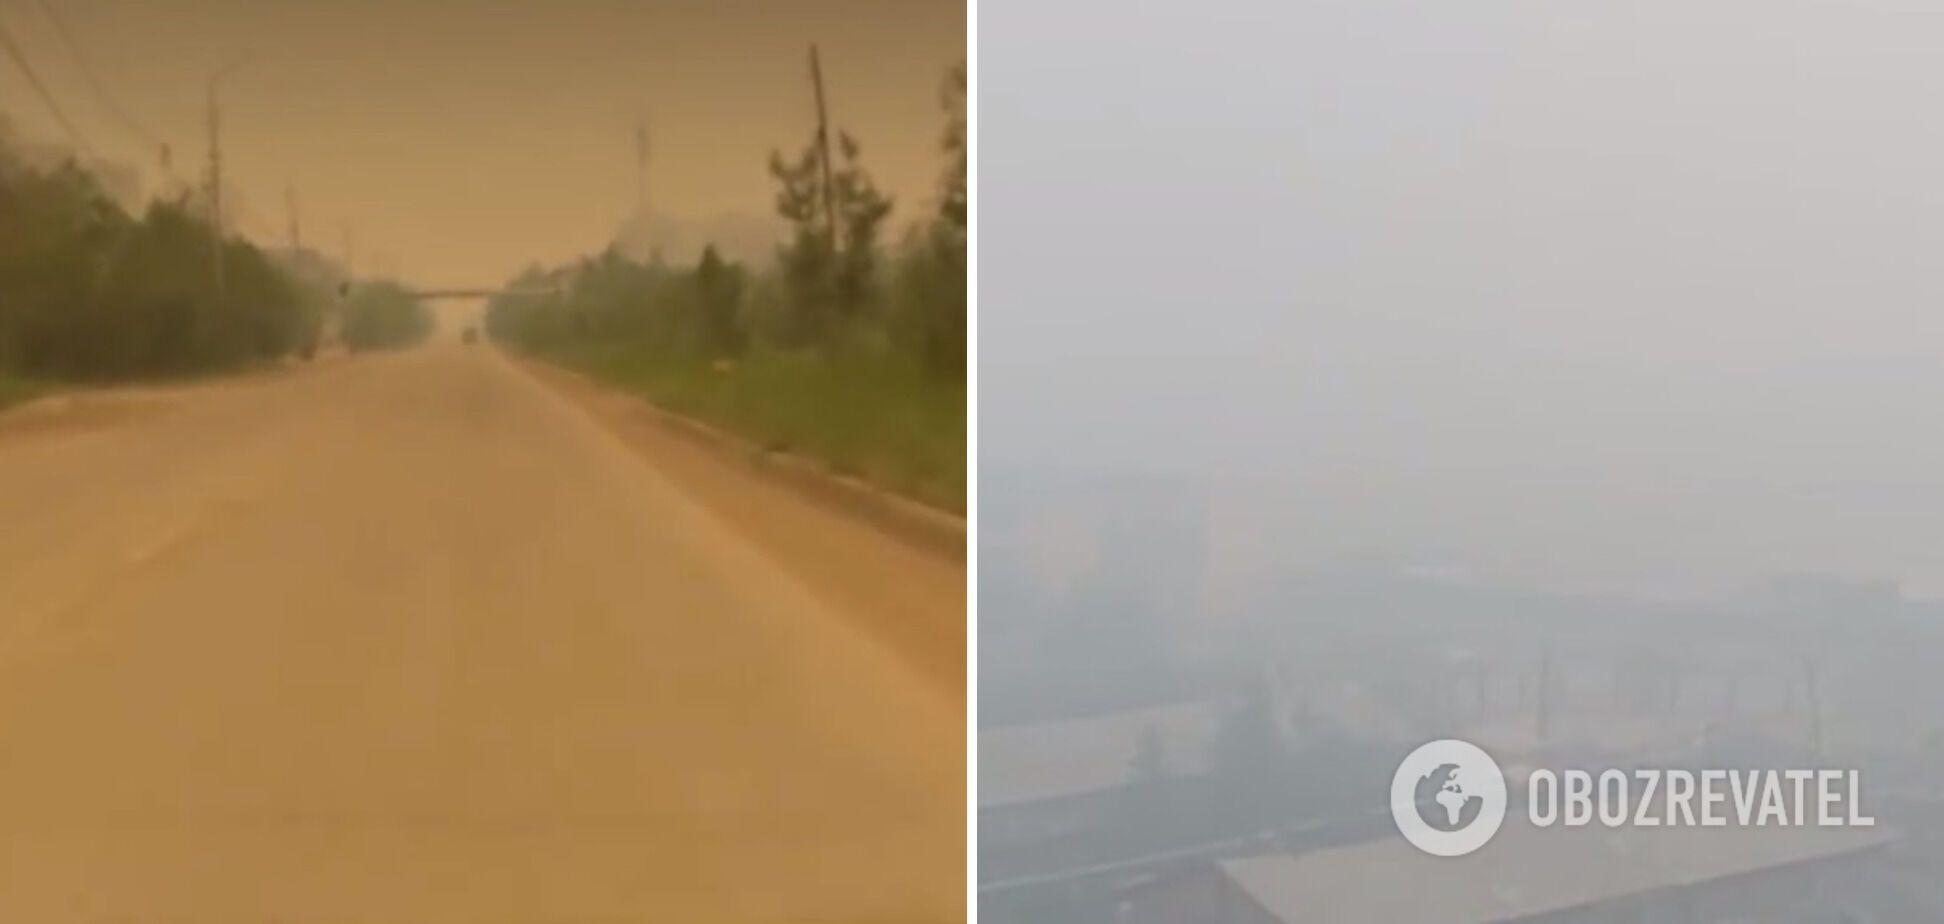 Последствия лесных пожаров в Якутии.